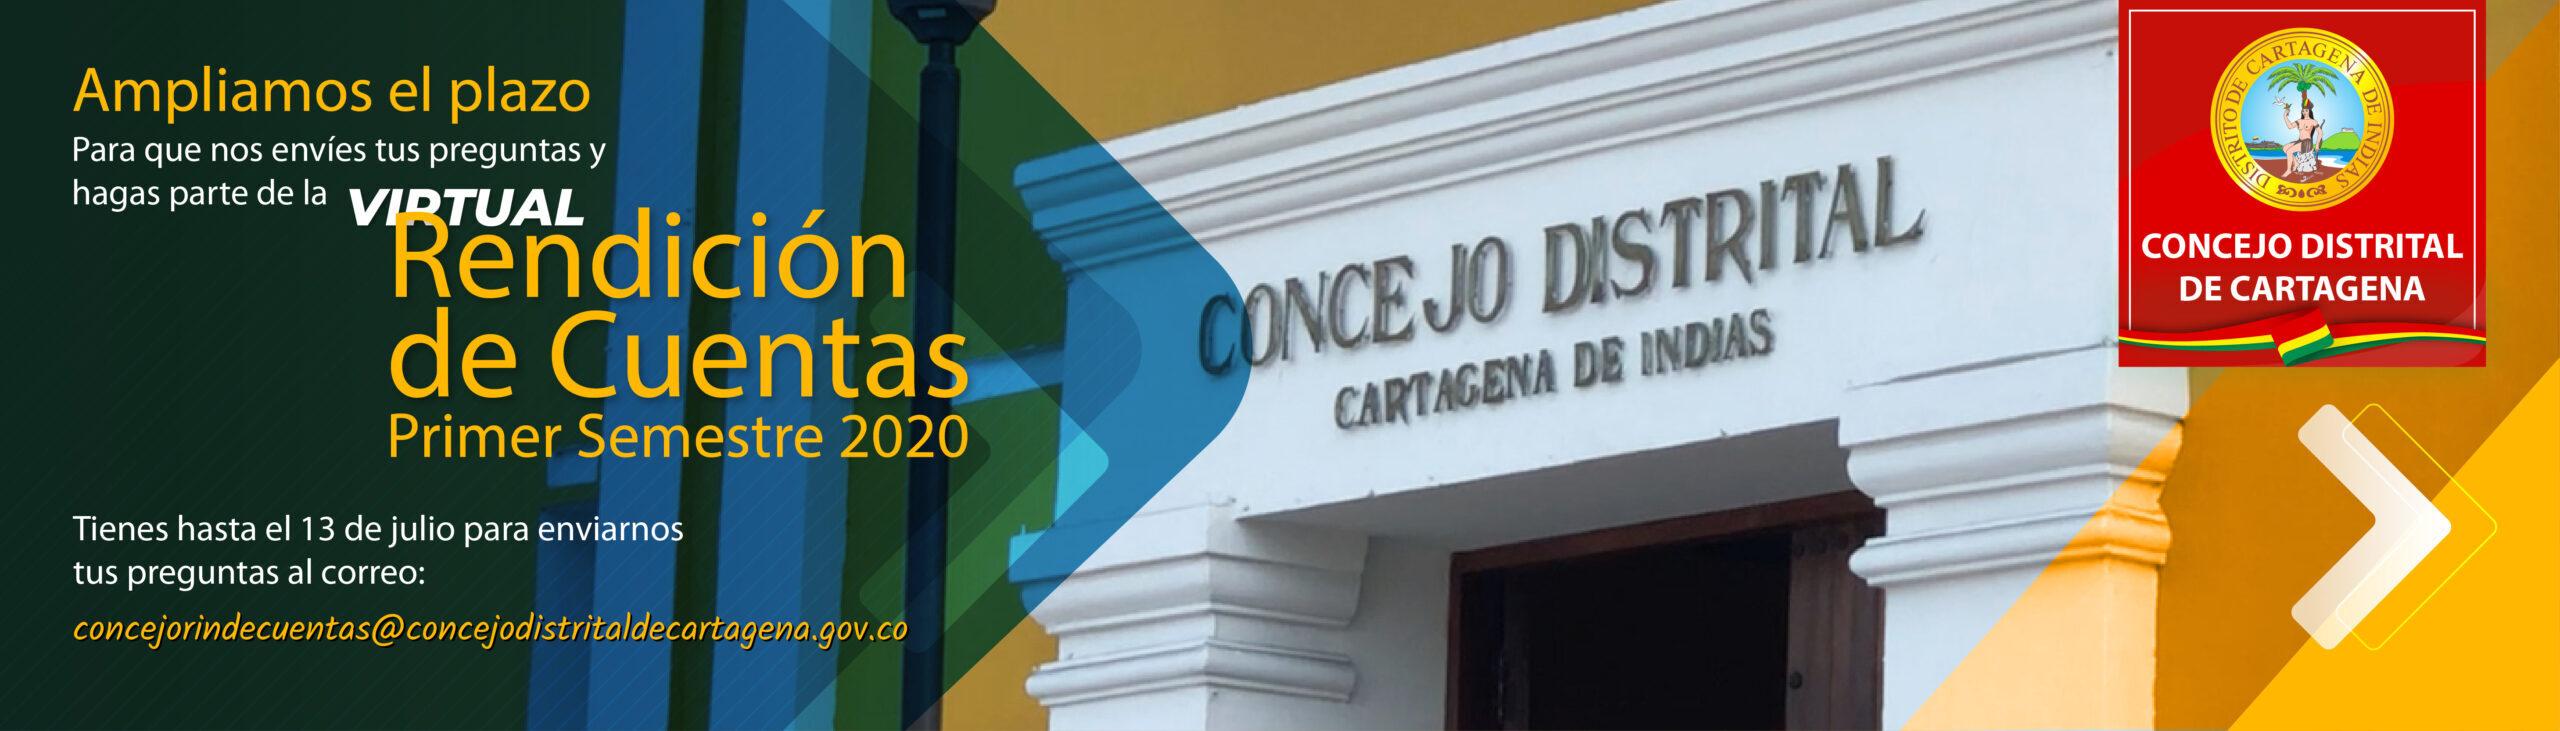 Concejo Distrital de Cartagena de Indias